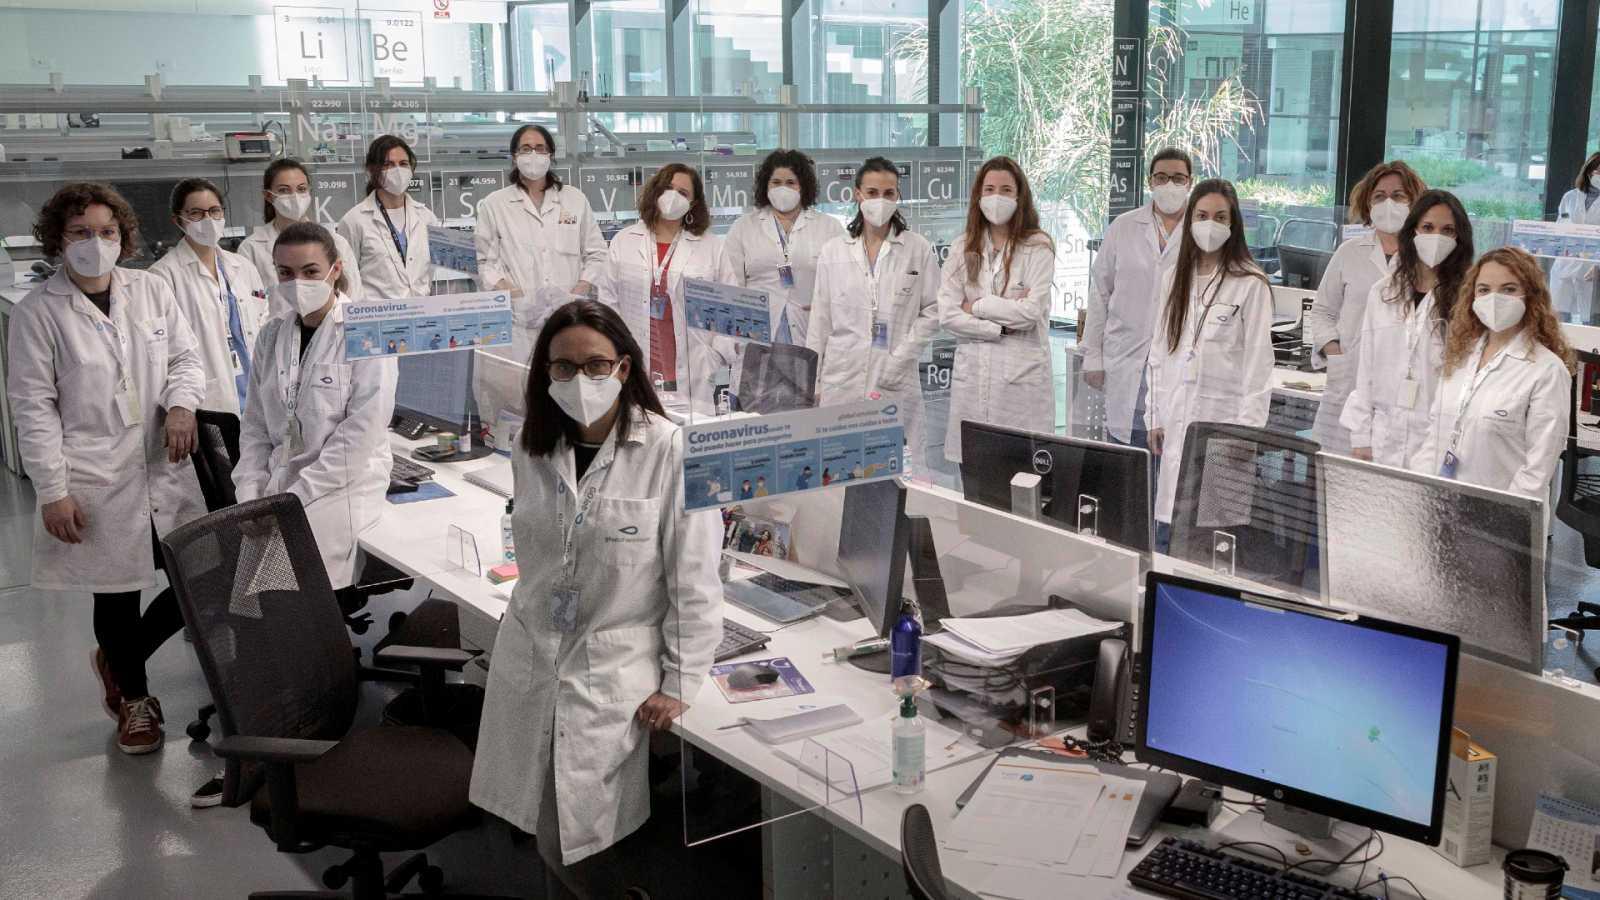 La igualdad sigue siendo una asignatura pendiente en la ciencia